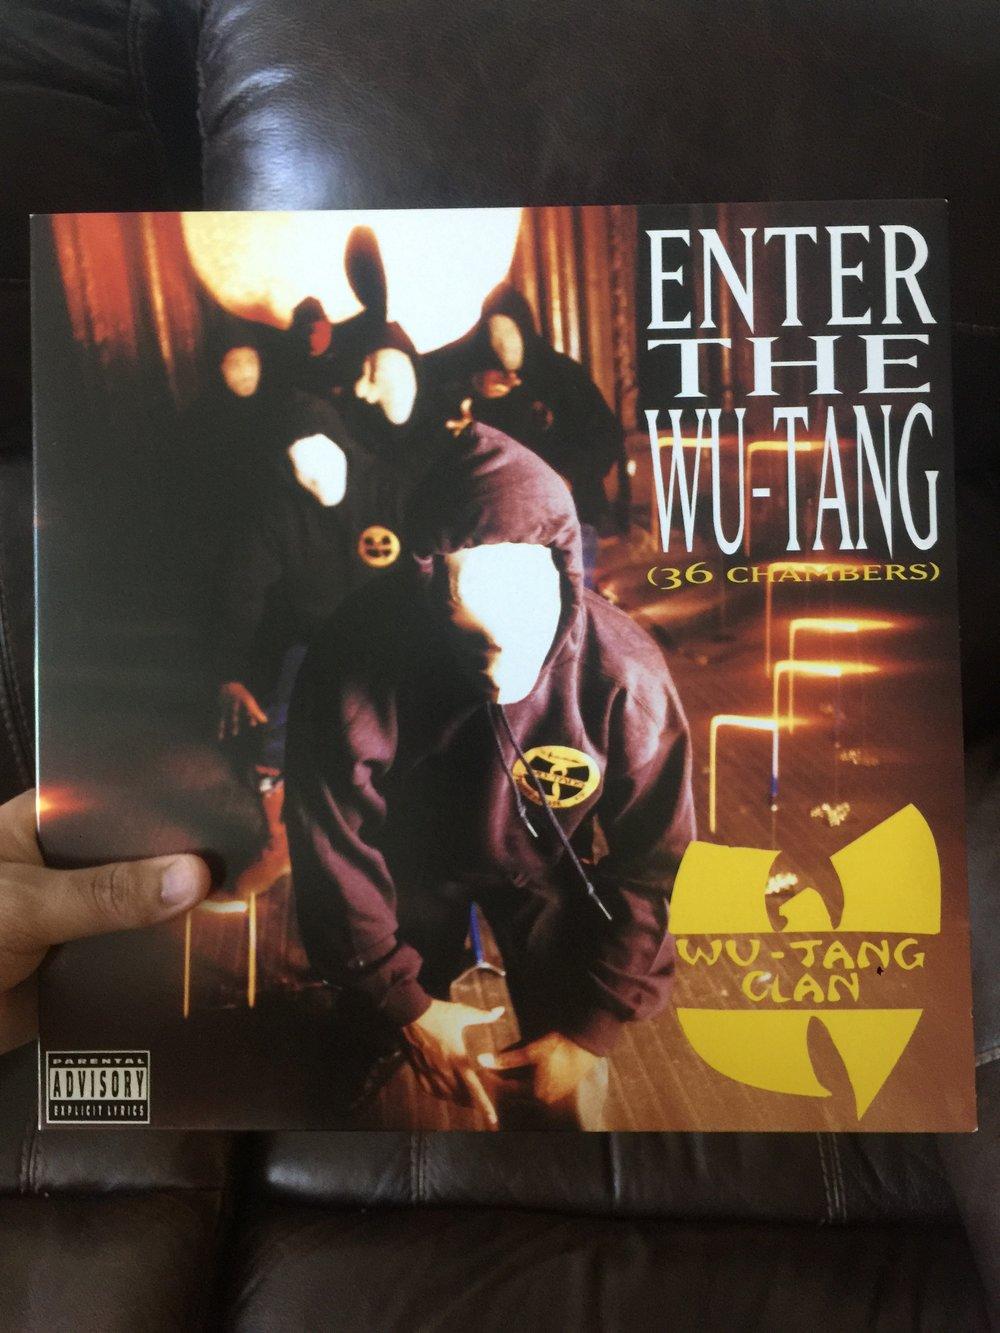 Wu-Tang Clan Enter the Wu-tang 36 chambers